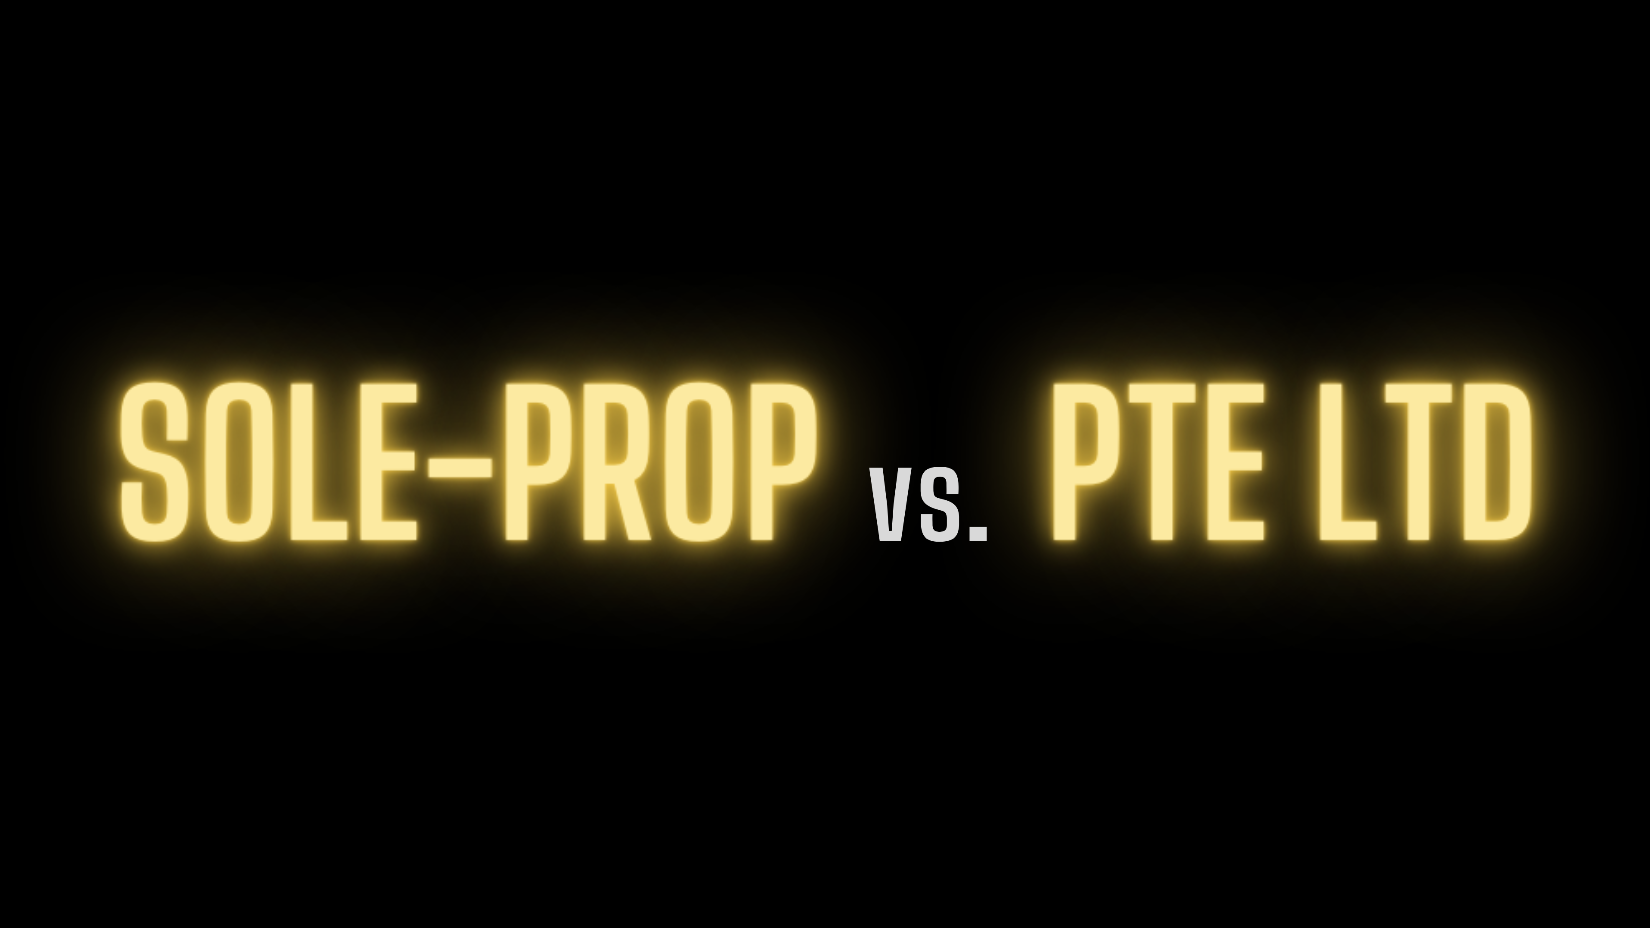 Sole Proprietorship vs. Private Limited (Pte. Ltd.) Company: The Differences